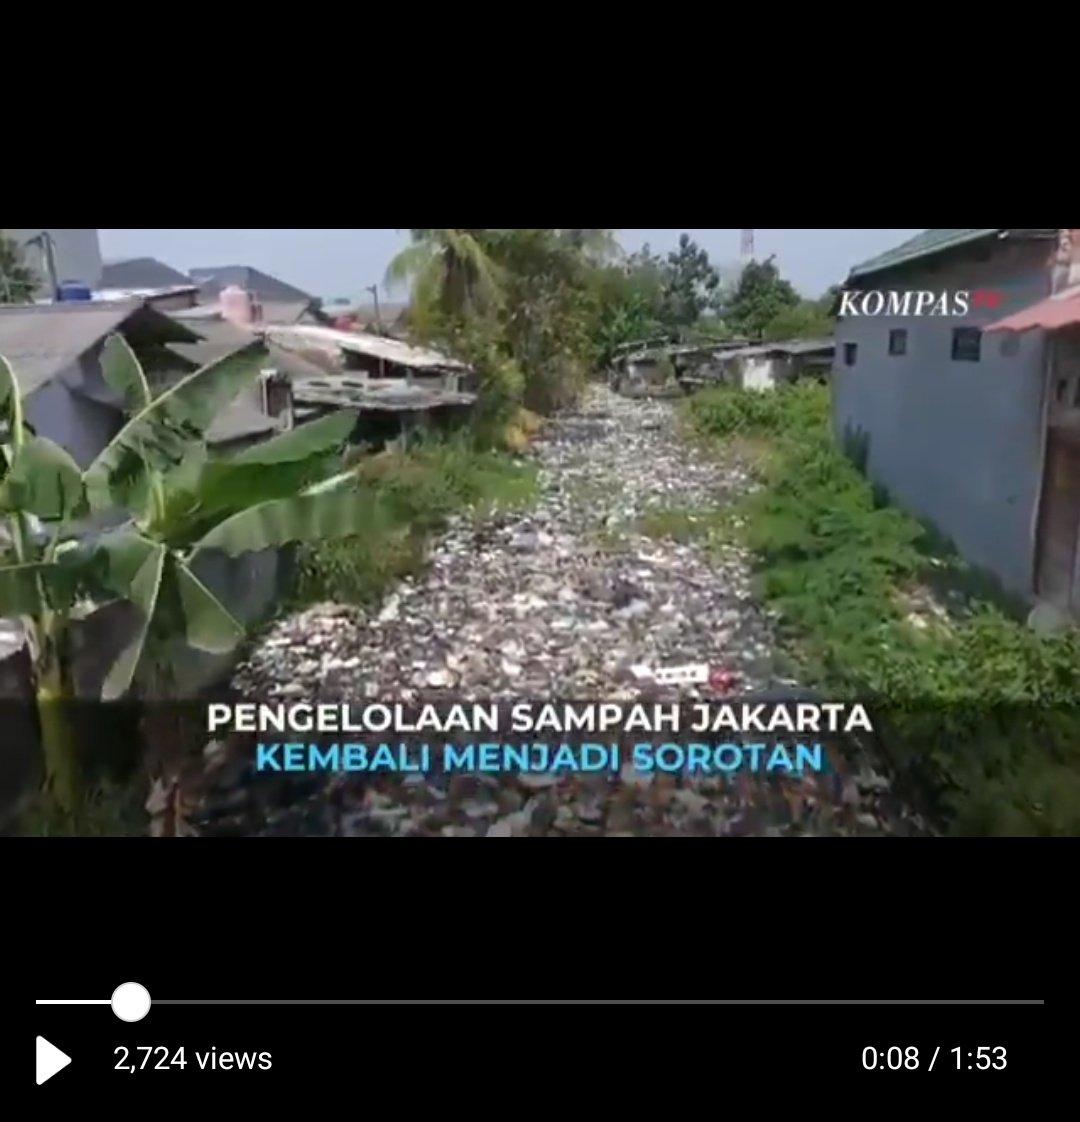 KompasTV Serang Anies, Eh Videonya Sampah Kali di Bekasi